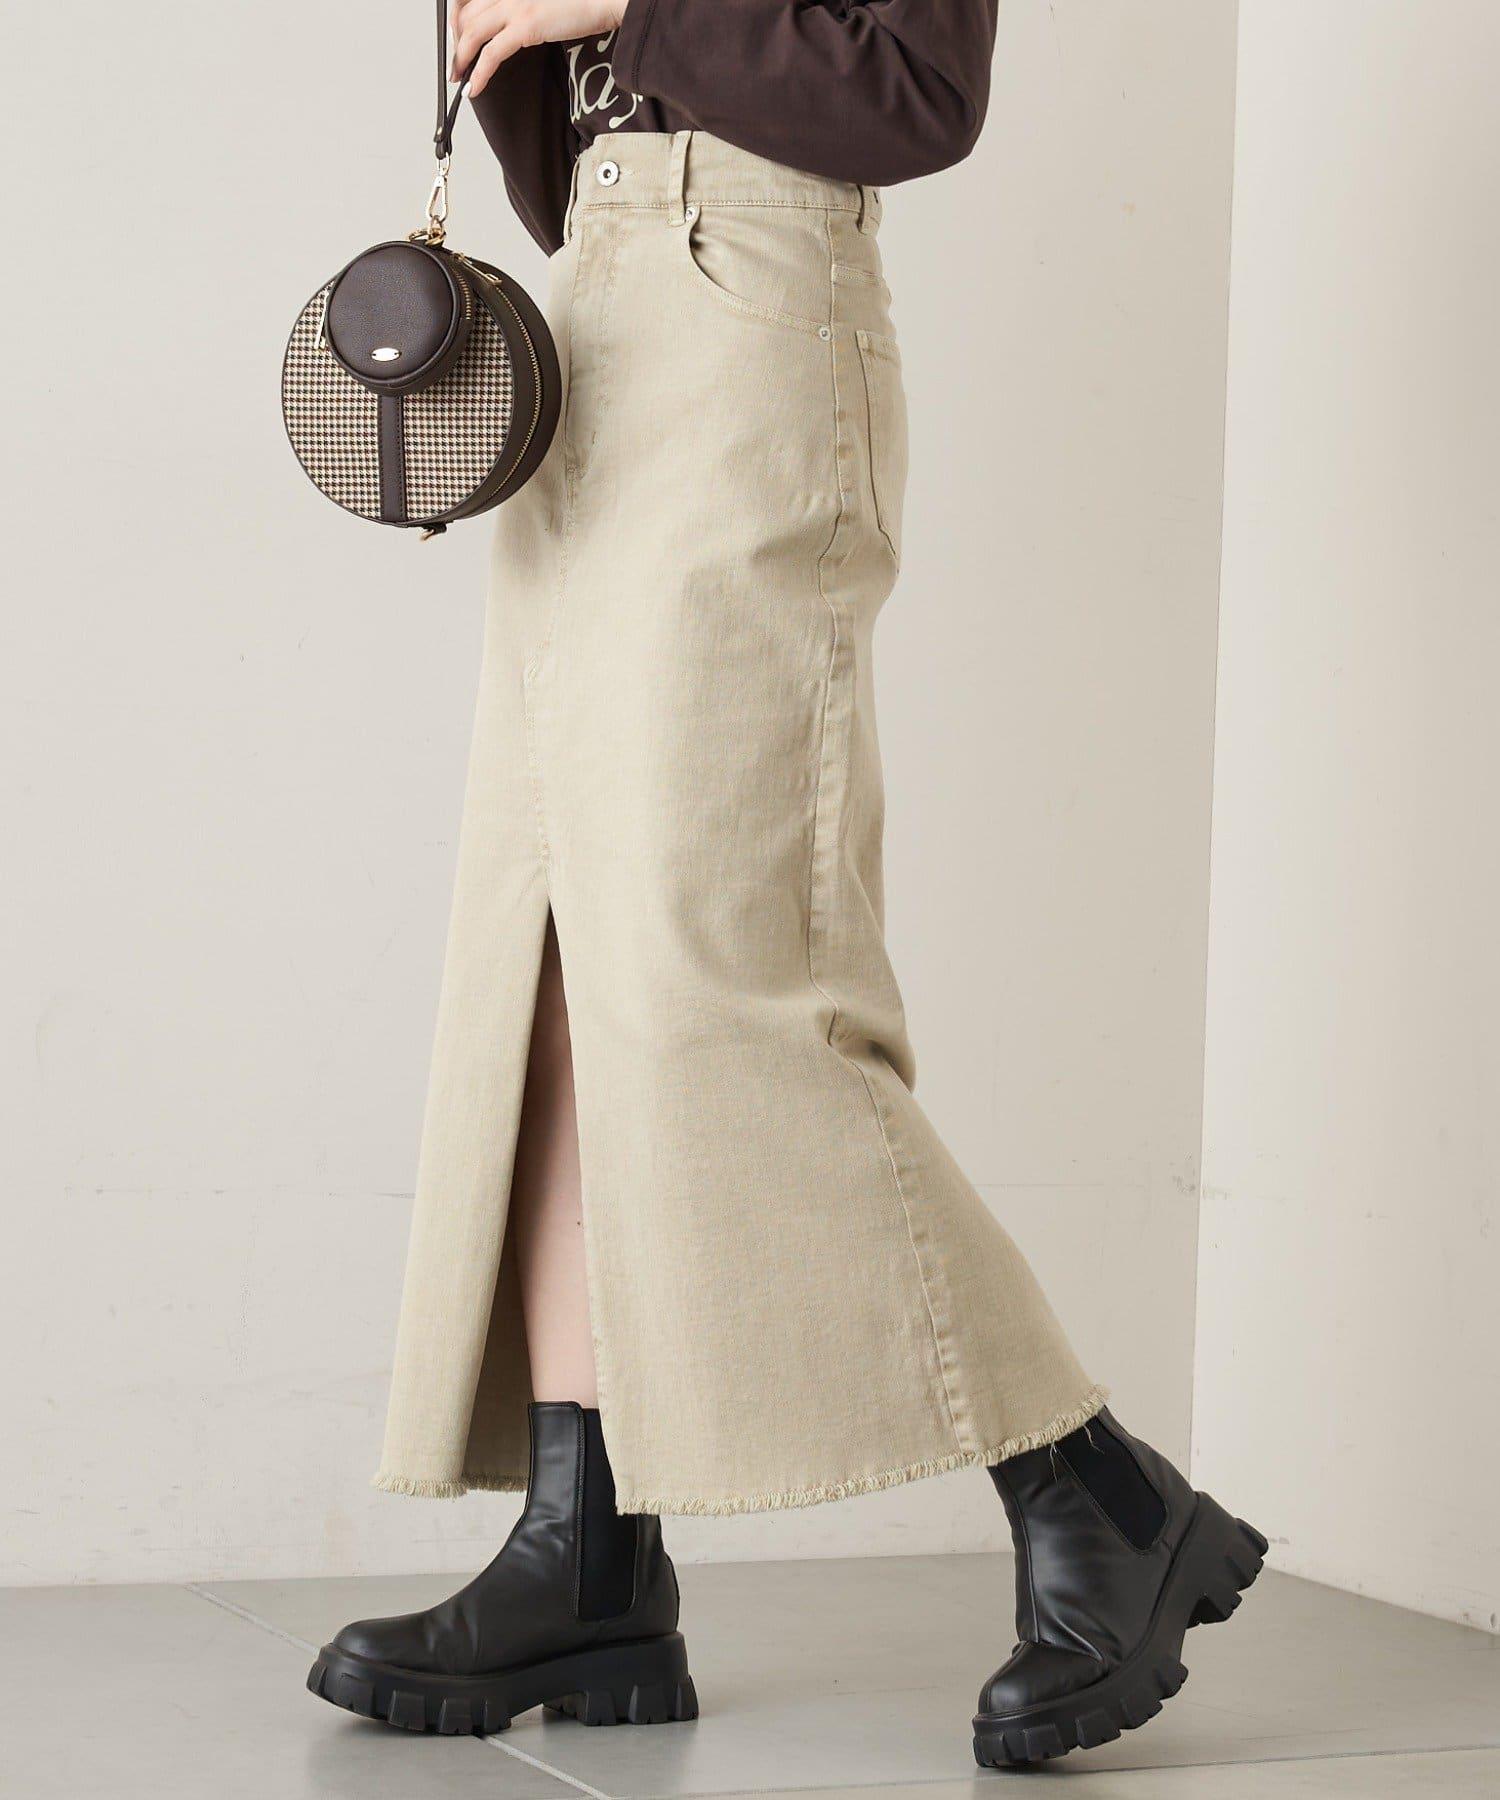 who's who Chico(フーズフーチコ) 【WEB限定カラーあり】スリットデニムタイトロングスカート